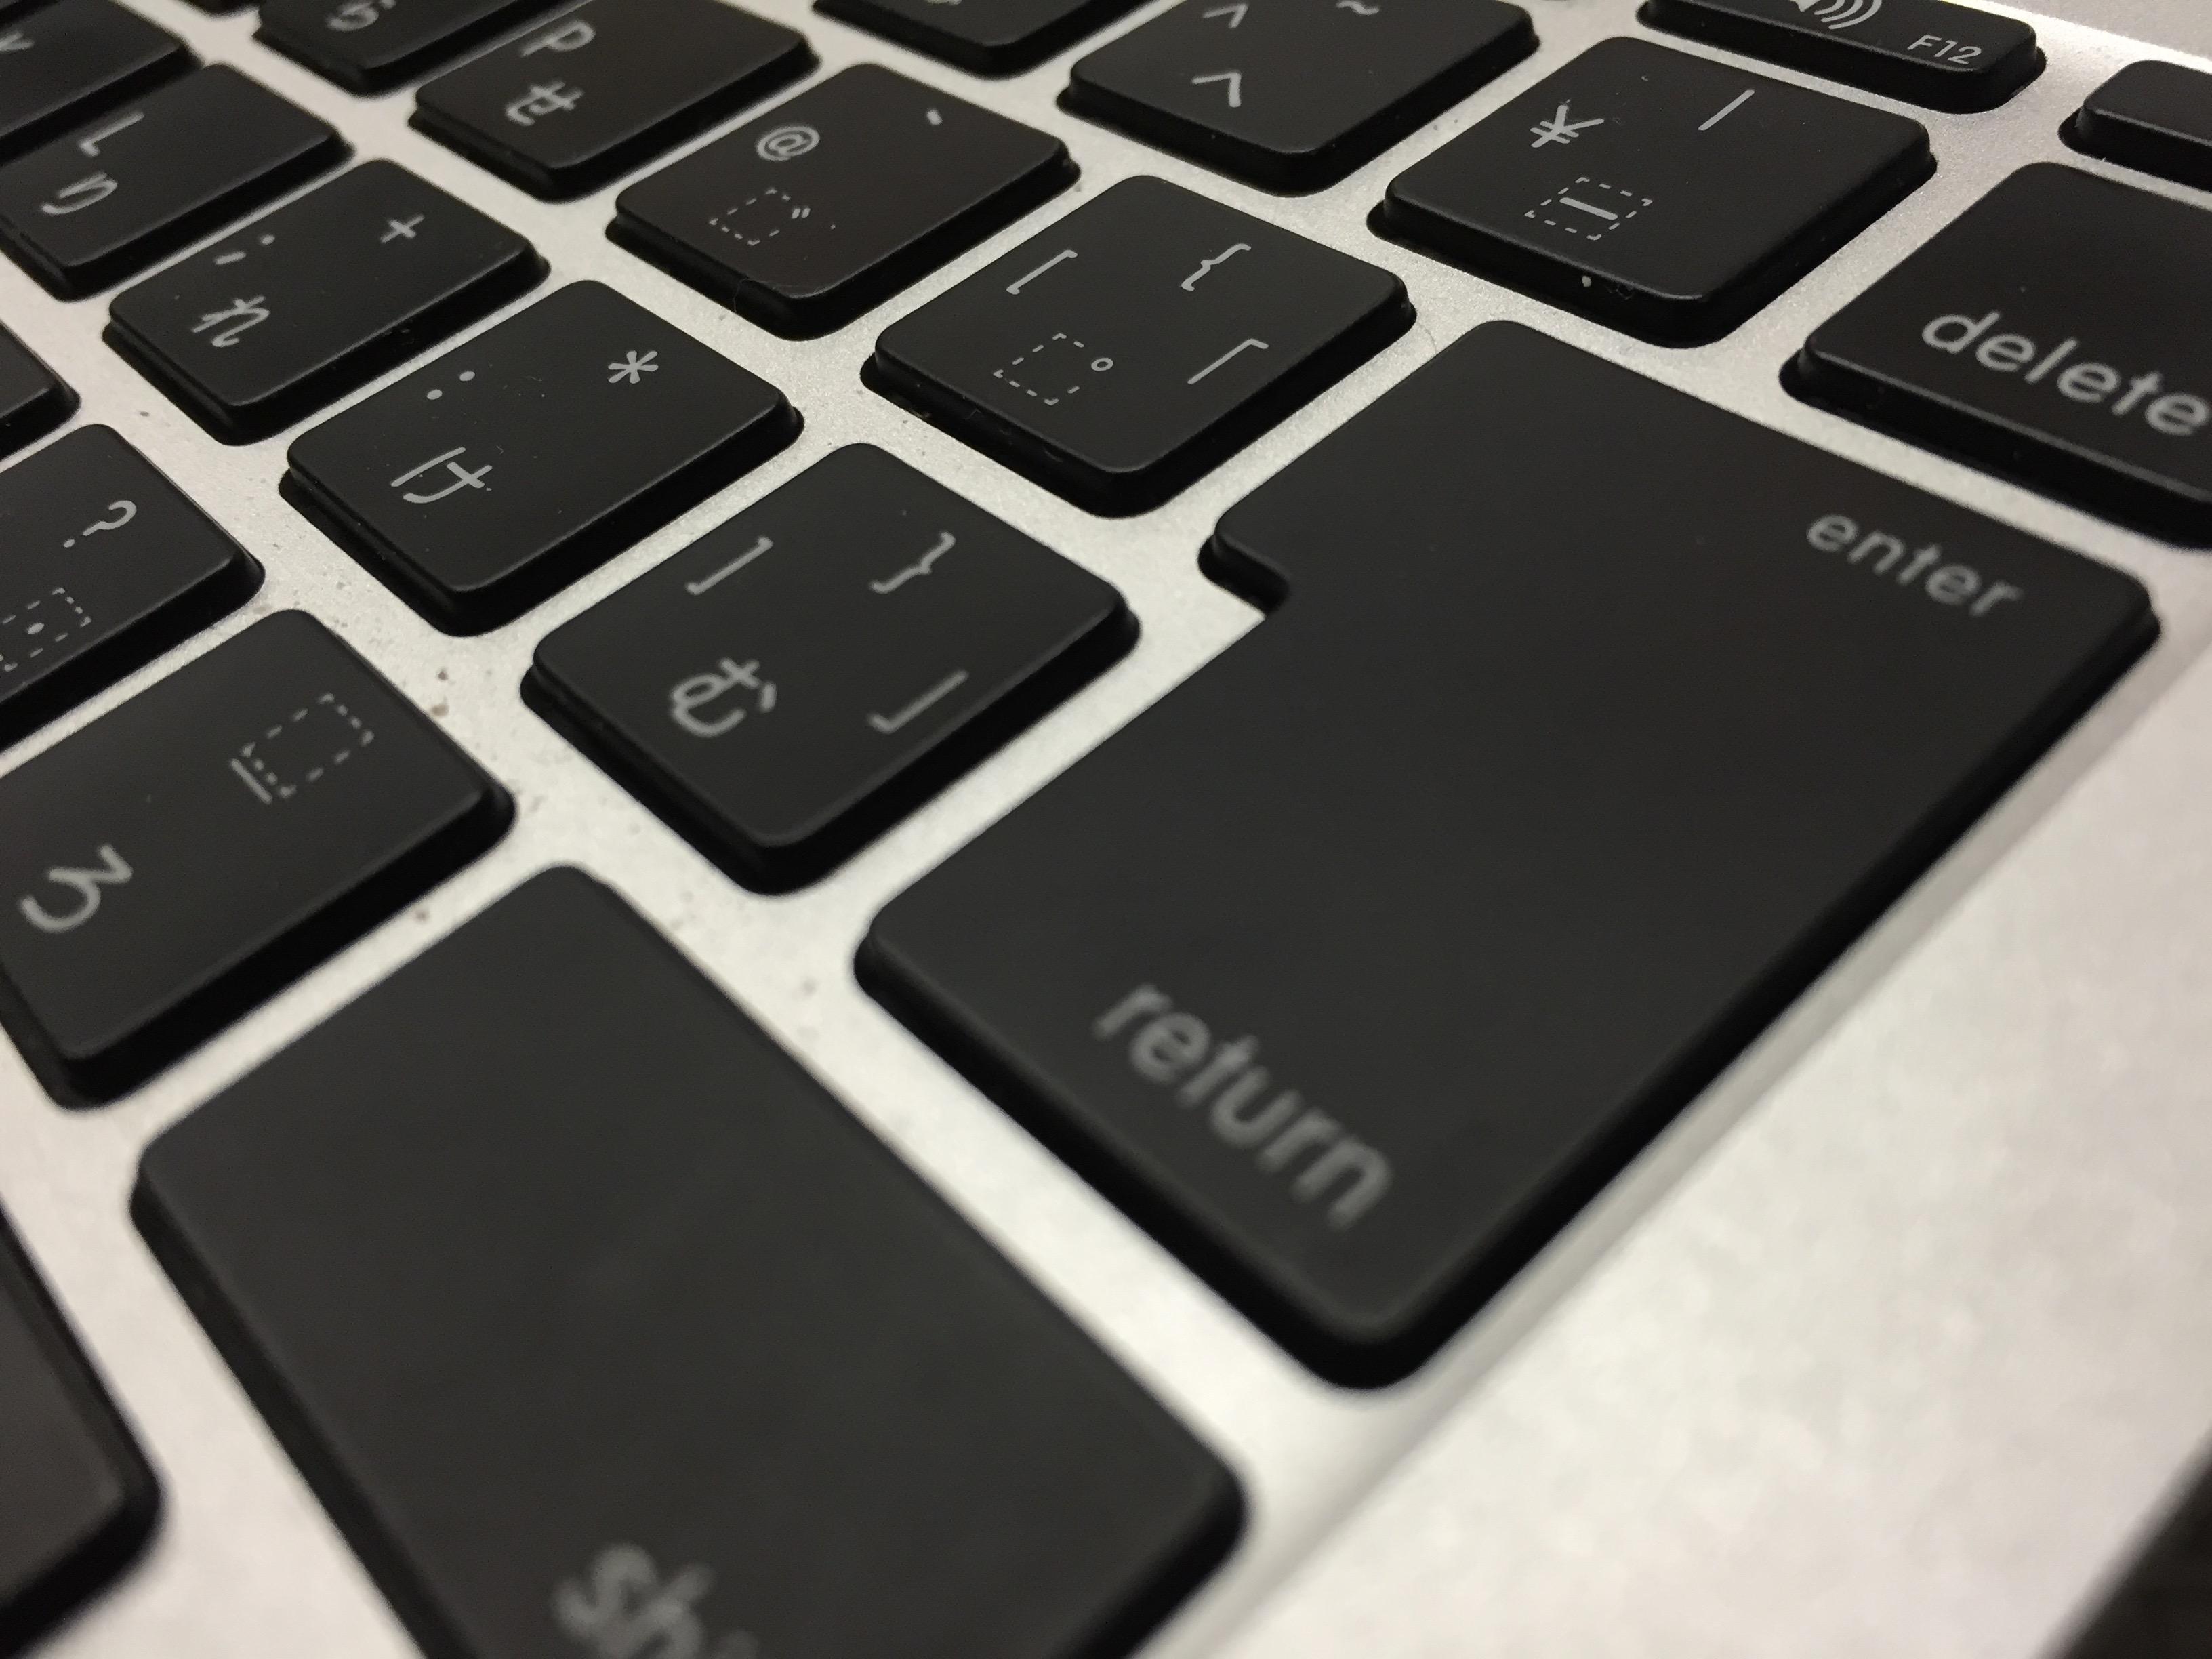 Macbook AirのキーボードはやっぱりラップトップPCの中でベスト(新しいMacbookじゃないよ)